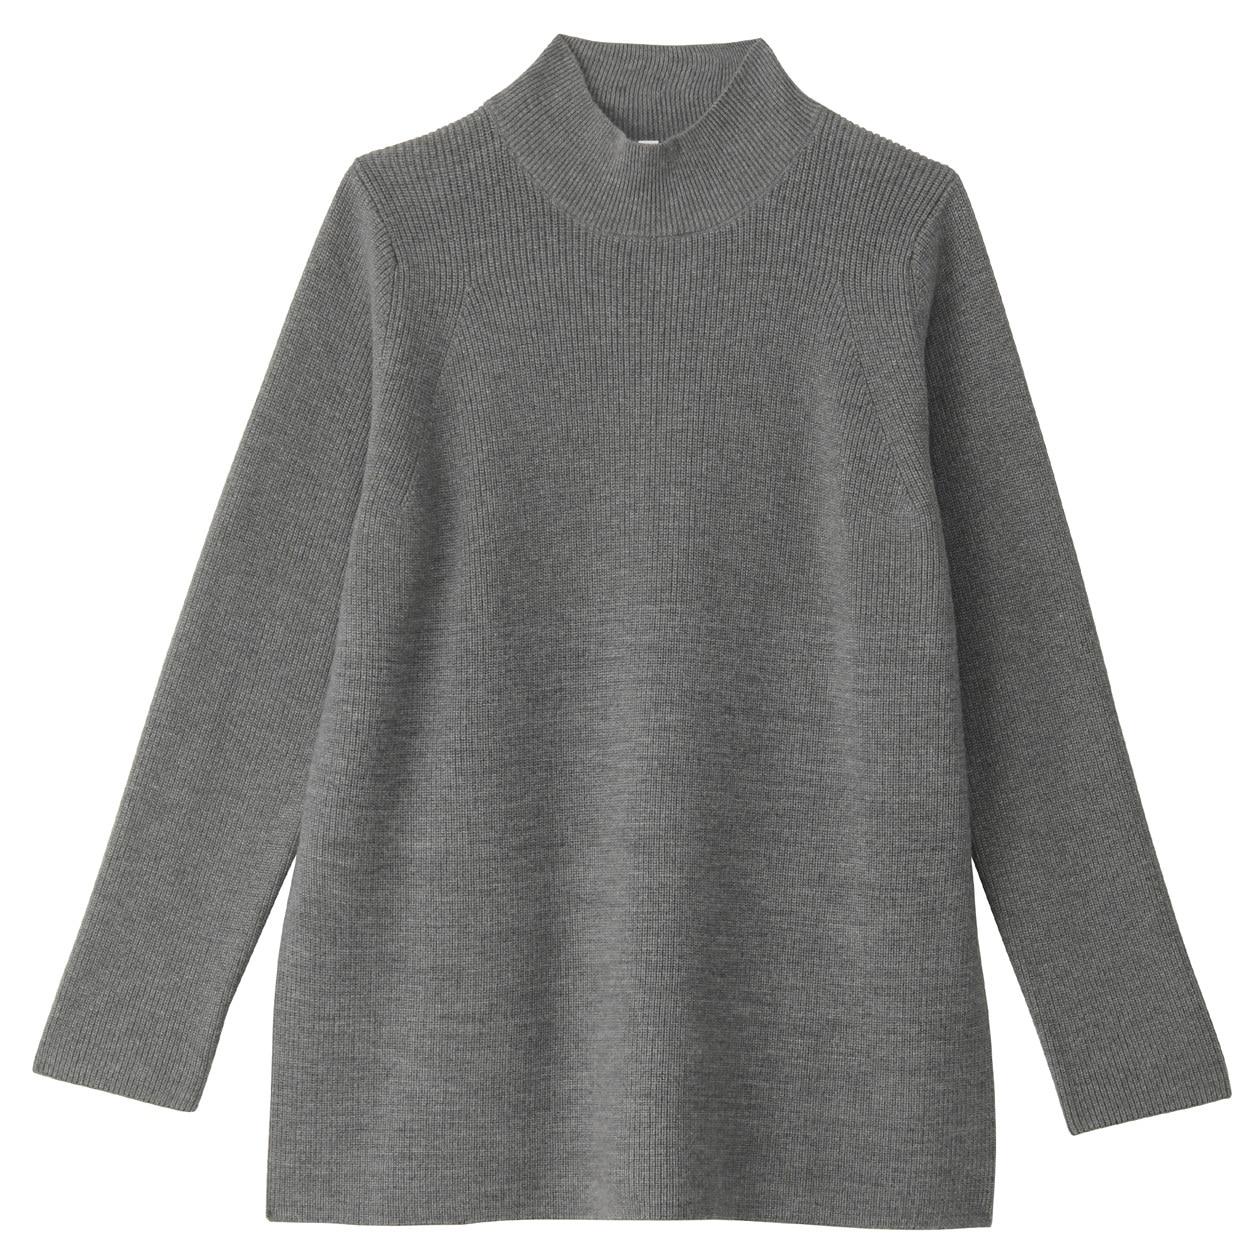 チクチクをおさえた洗えるハイネックセーター